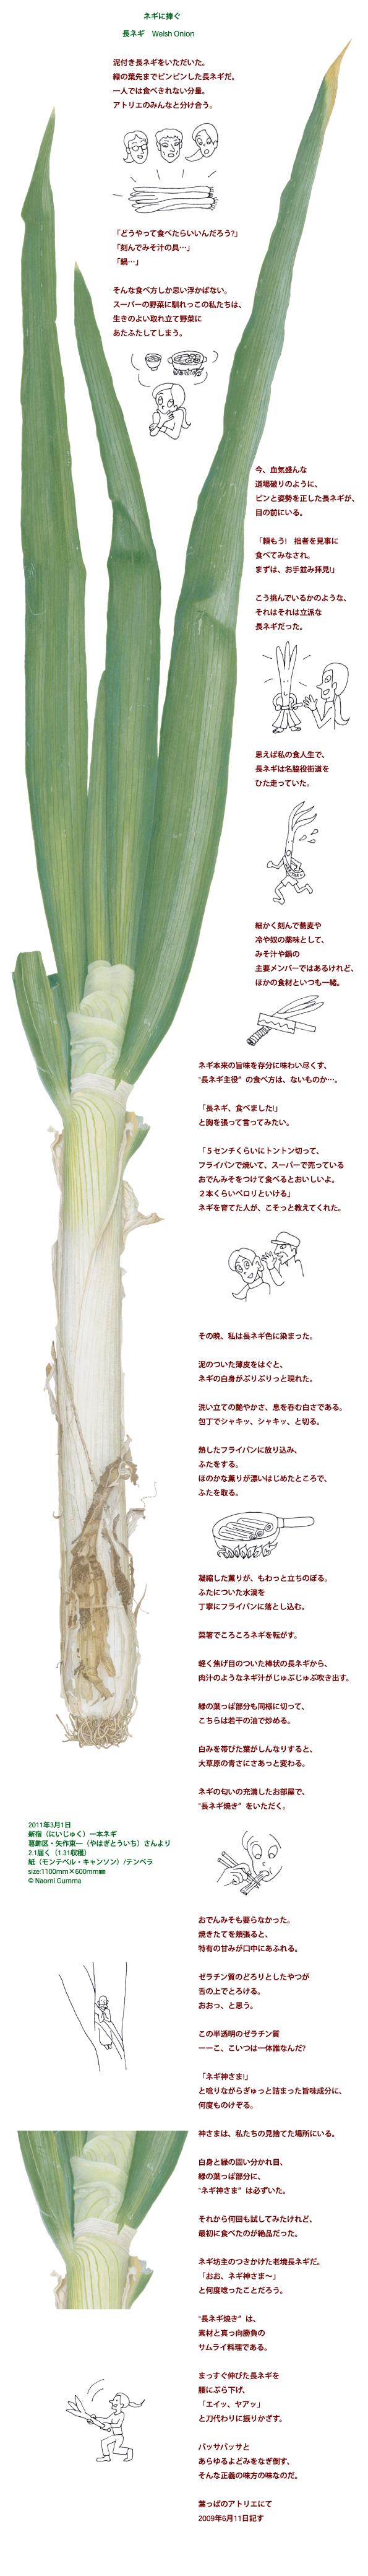 葉画家・群馬直美さんのアートコラム 3rd season 第3回イメージ1